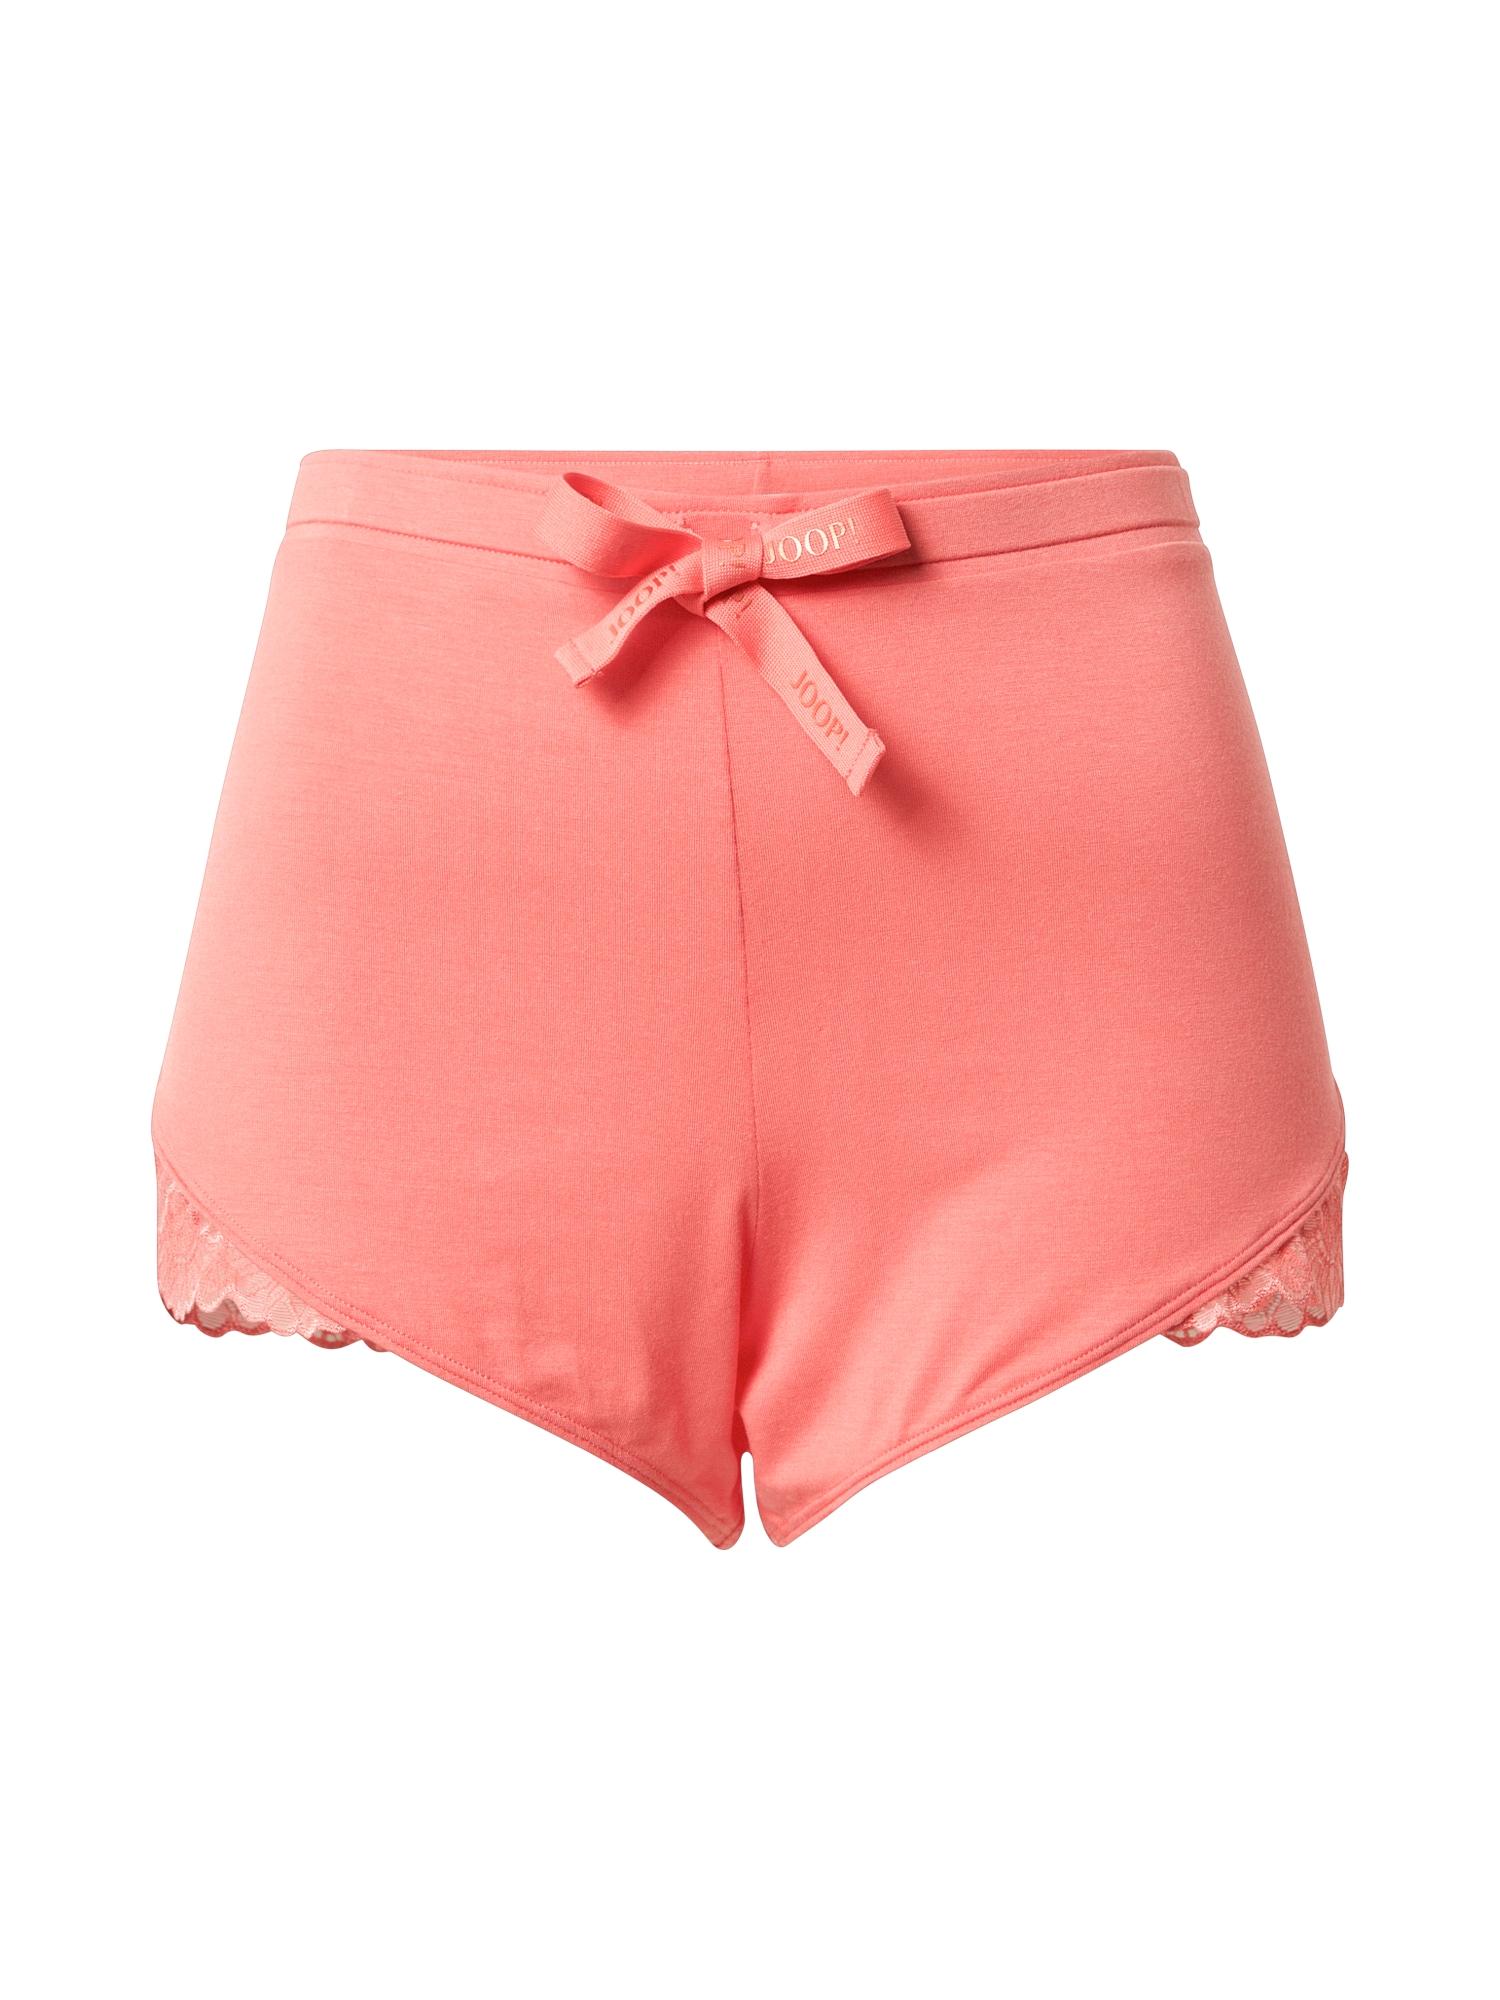 JOOP! Bodywear Pižaminės kelnės rožių spalva